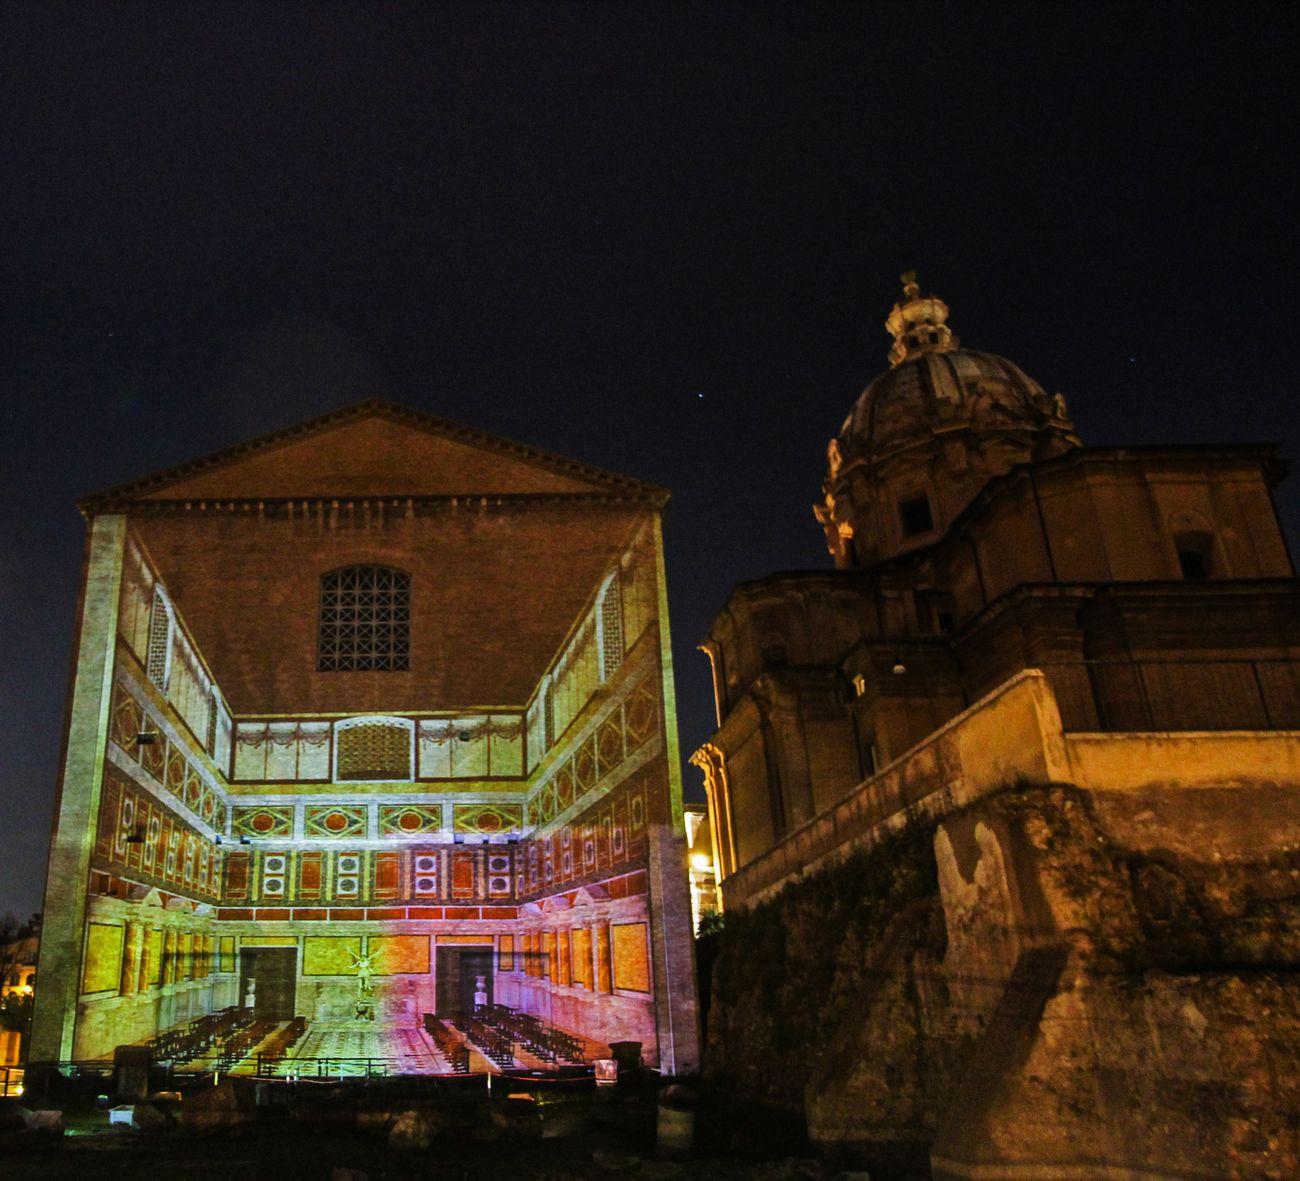 Viaggi nell'Antica Roma. Foro di Cesare, Roma 2019